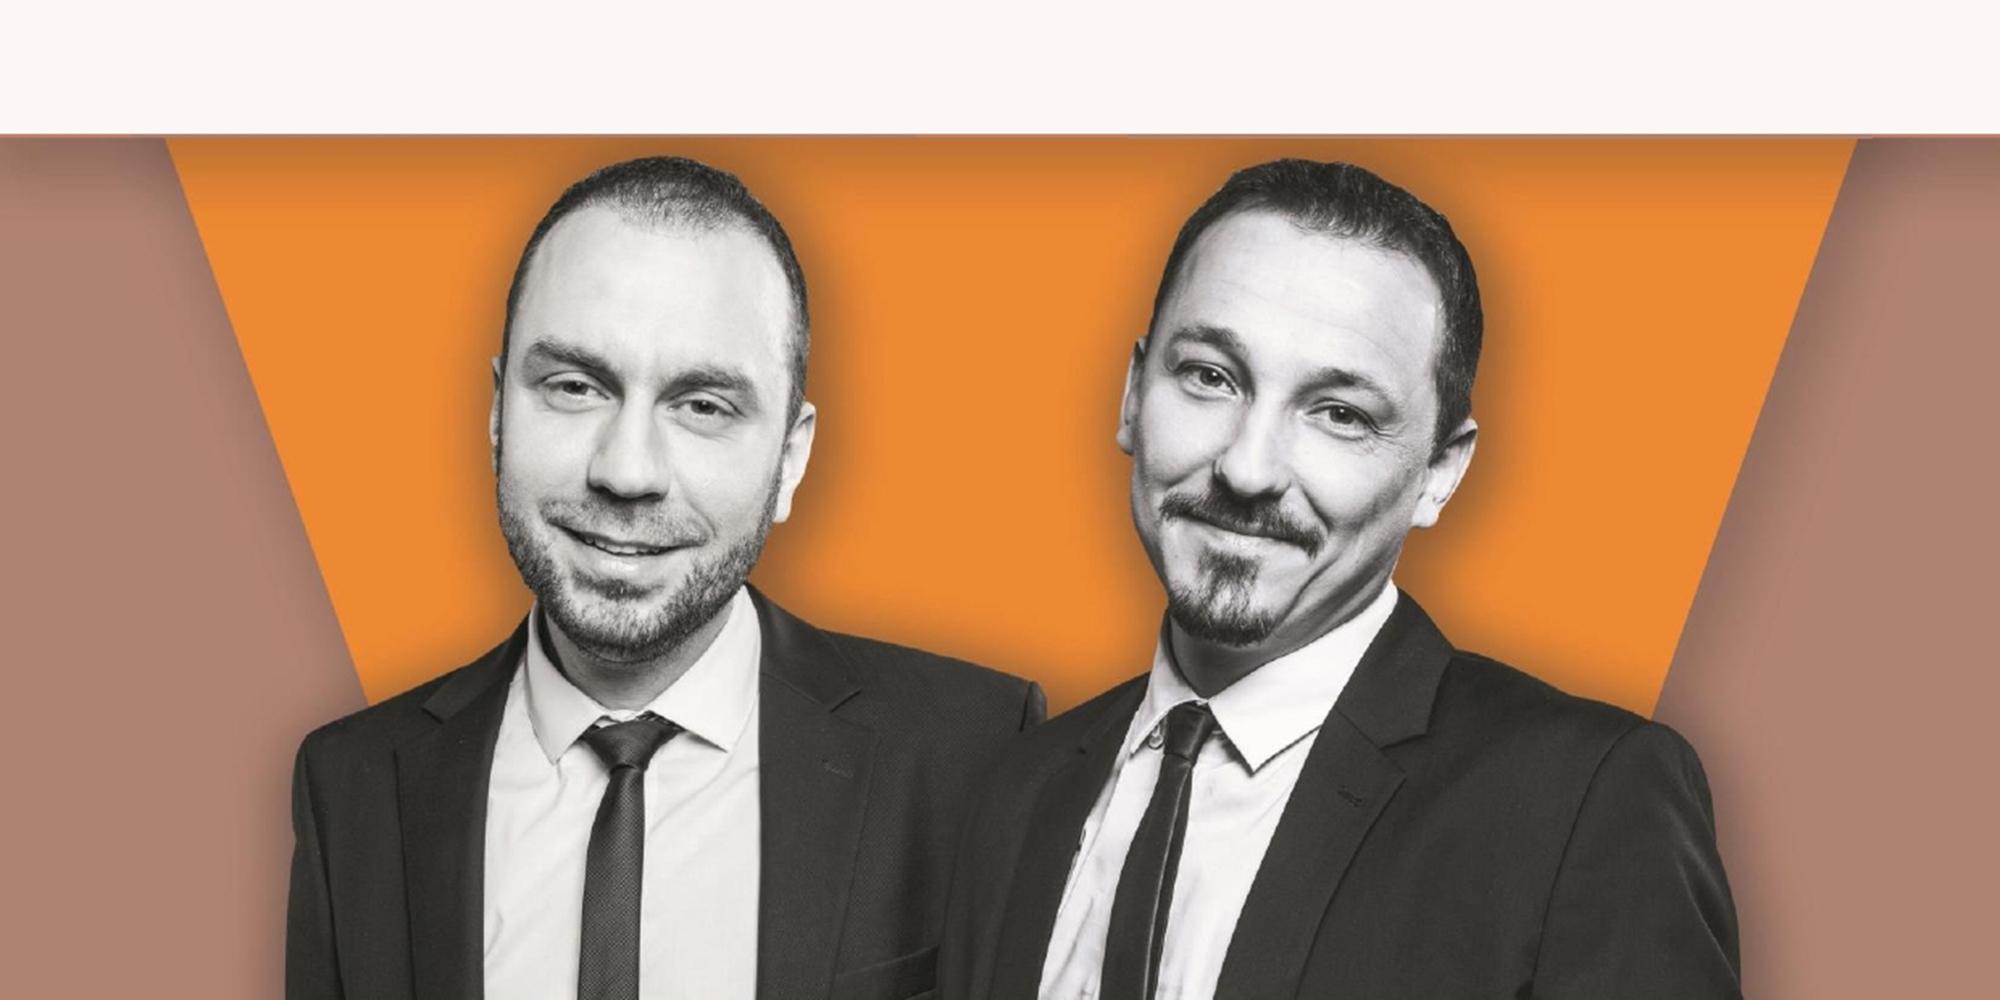 Csenki Attila, Benk Dénes: David Hasselhoff beájulna…